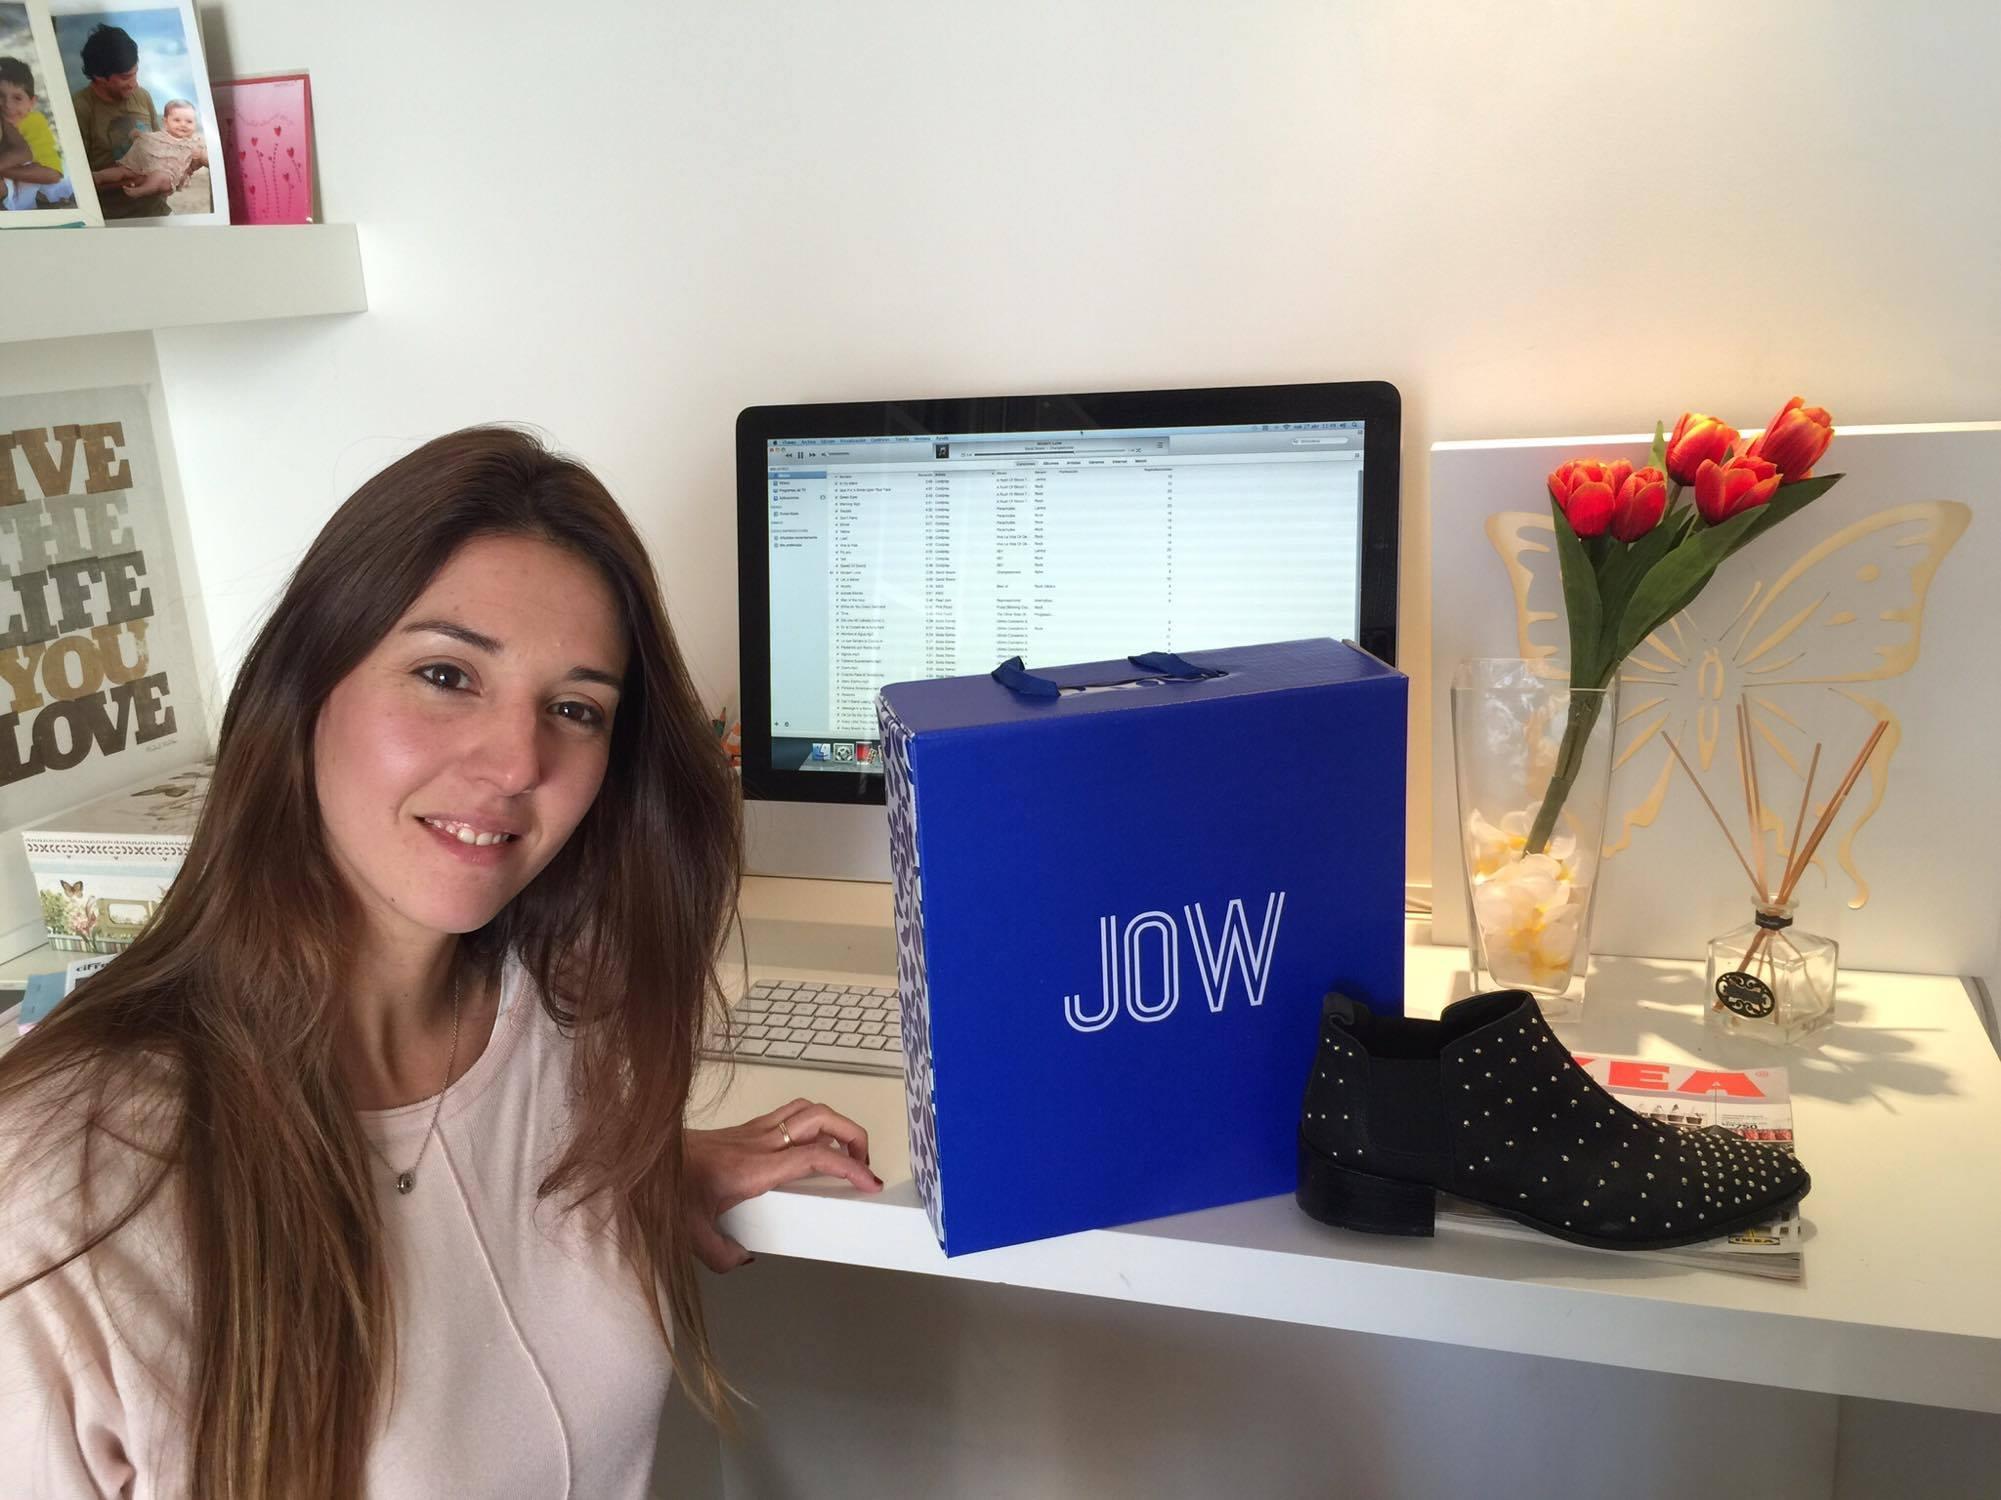 """#Emprendedoras Jose de JOW: """"Pasé 2 años en talleres para aprender el oficio"""""""